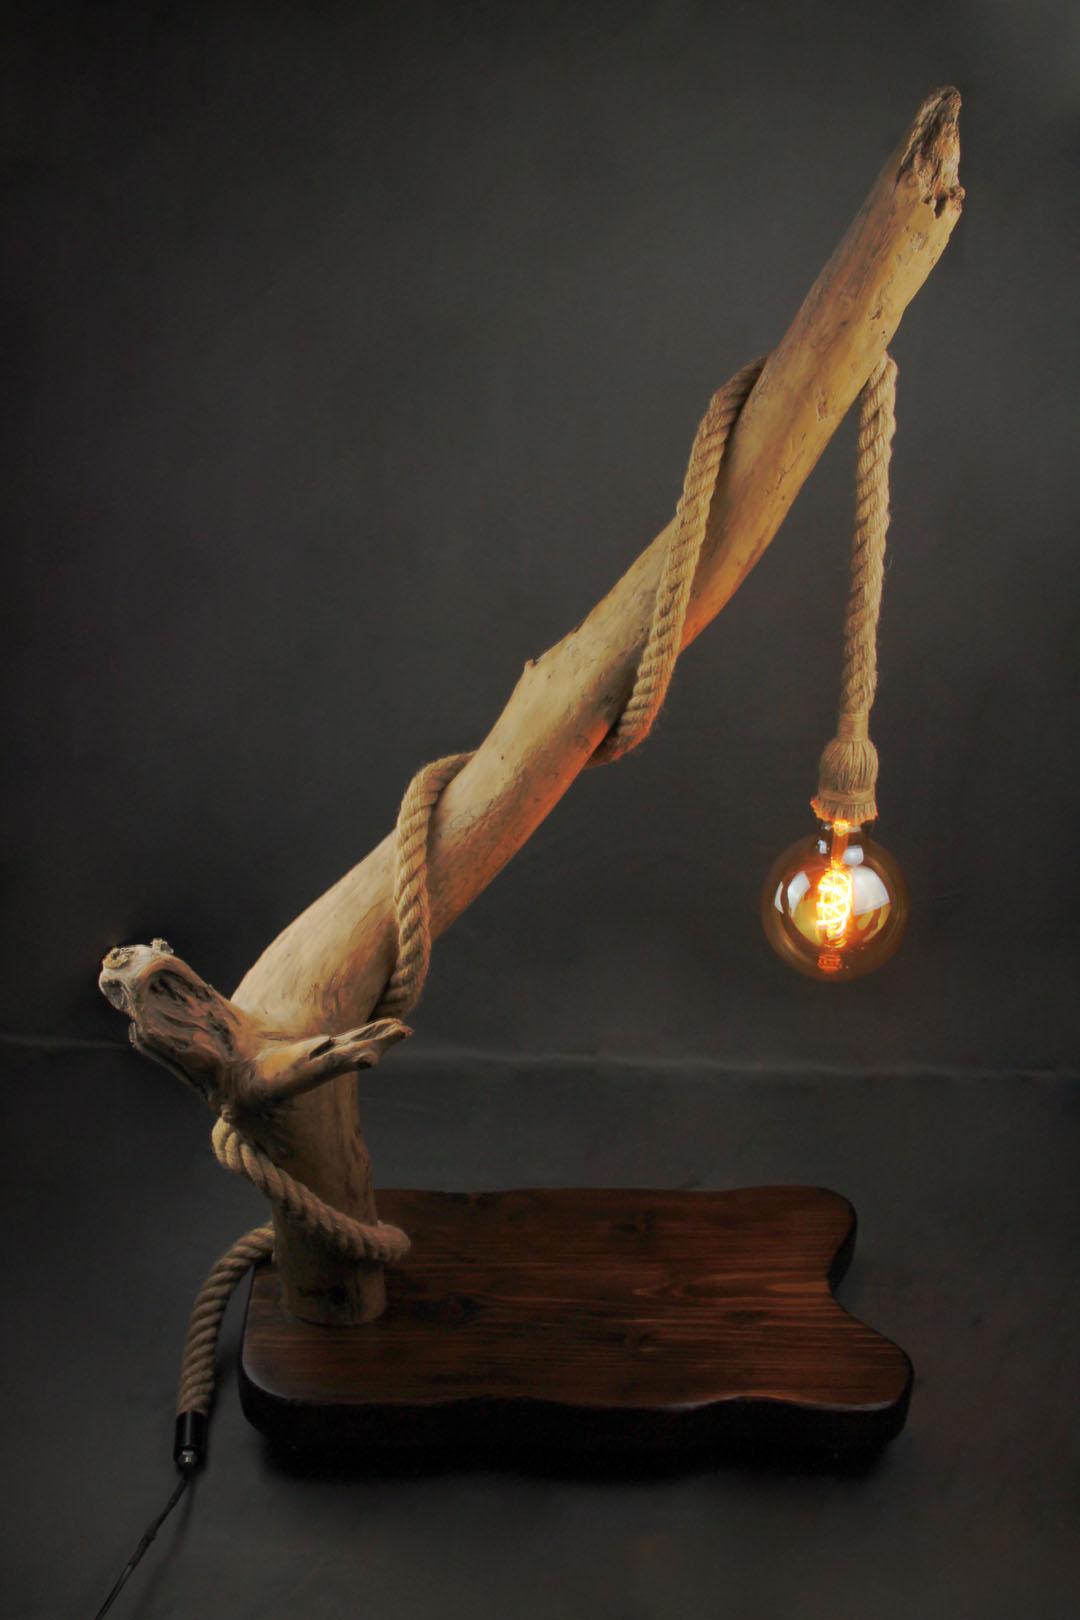 Créations En Bois Flotté luminaire bois flotté | lampe ascension, sbands créations